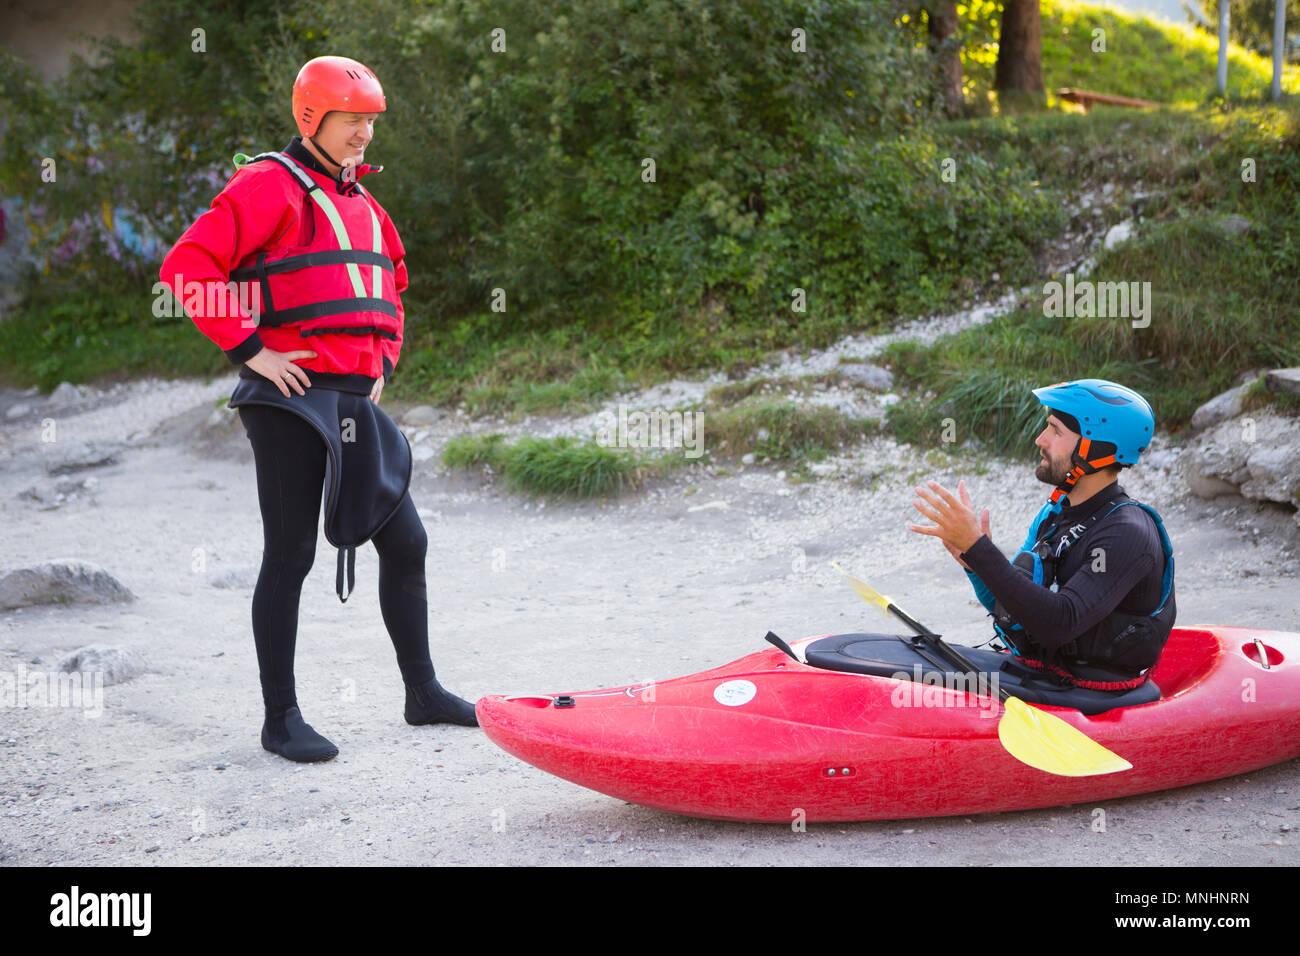 Un kayak guide de l'eau sauvages est d'expliquer les procédures de sécurité à un touriste qui va avoir une aventure mouillée sur la rivière Soca près de Bovec, littoral slovène en Slovénie Photo Stock